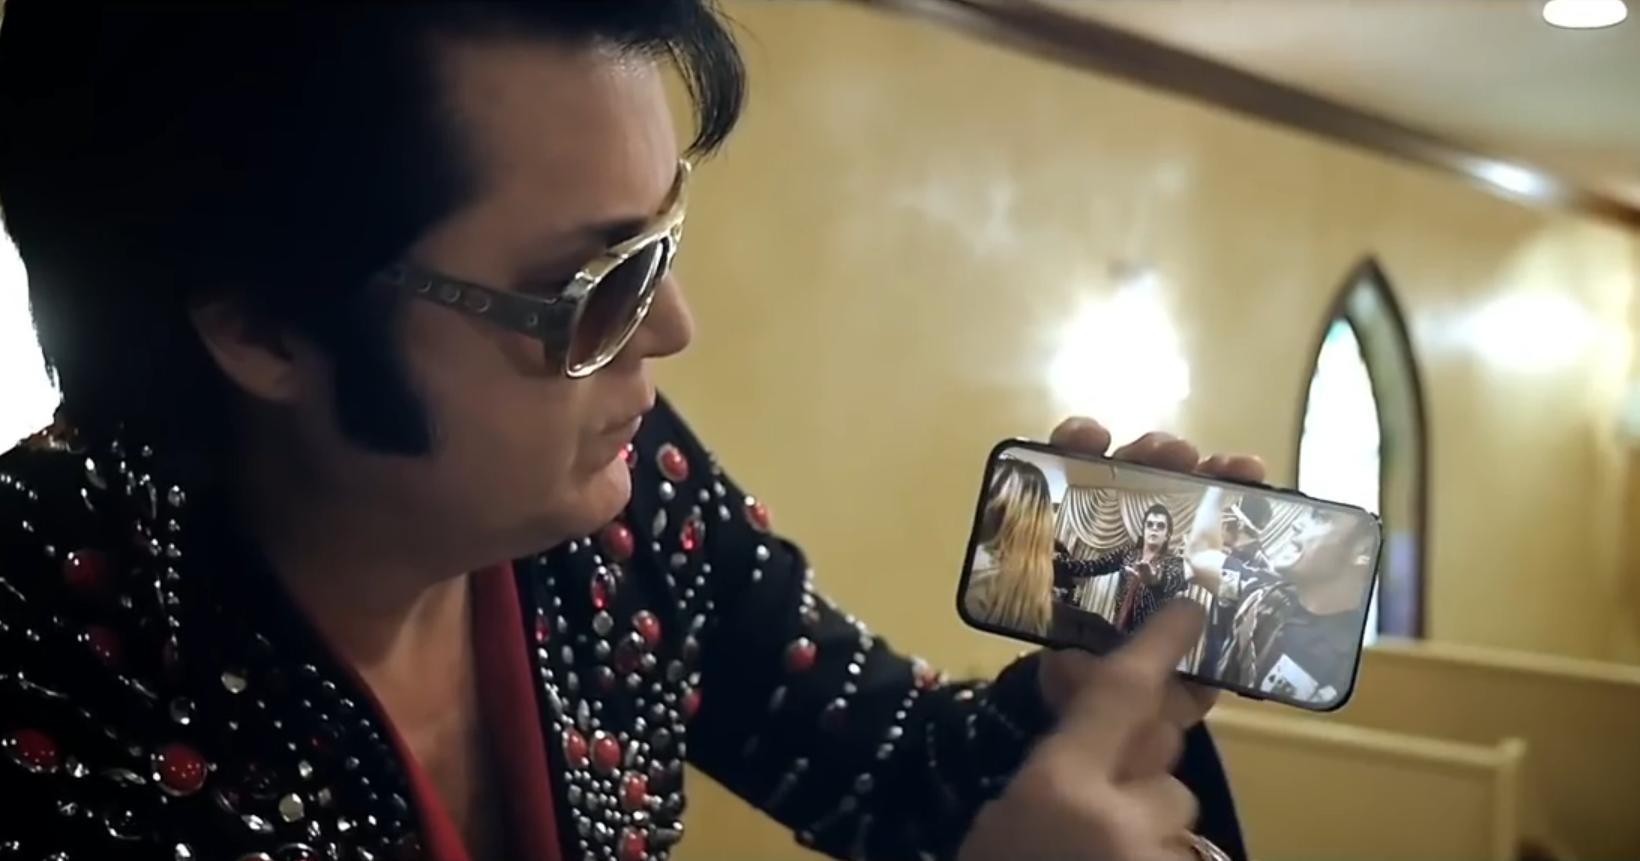 [视频]科技雷不撕:有创意!iPhone 8 出现在MV中